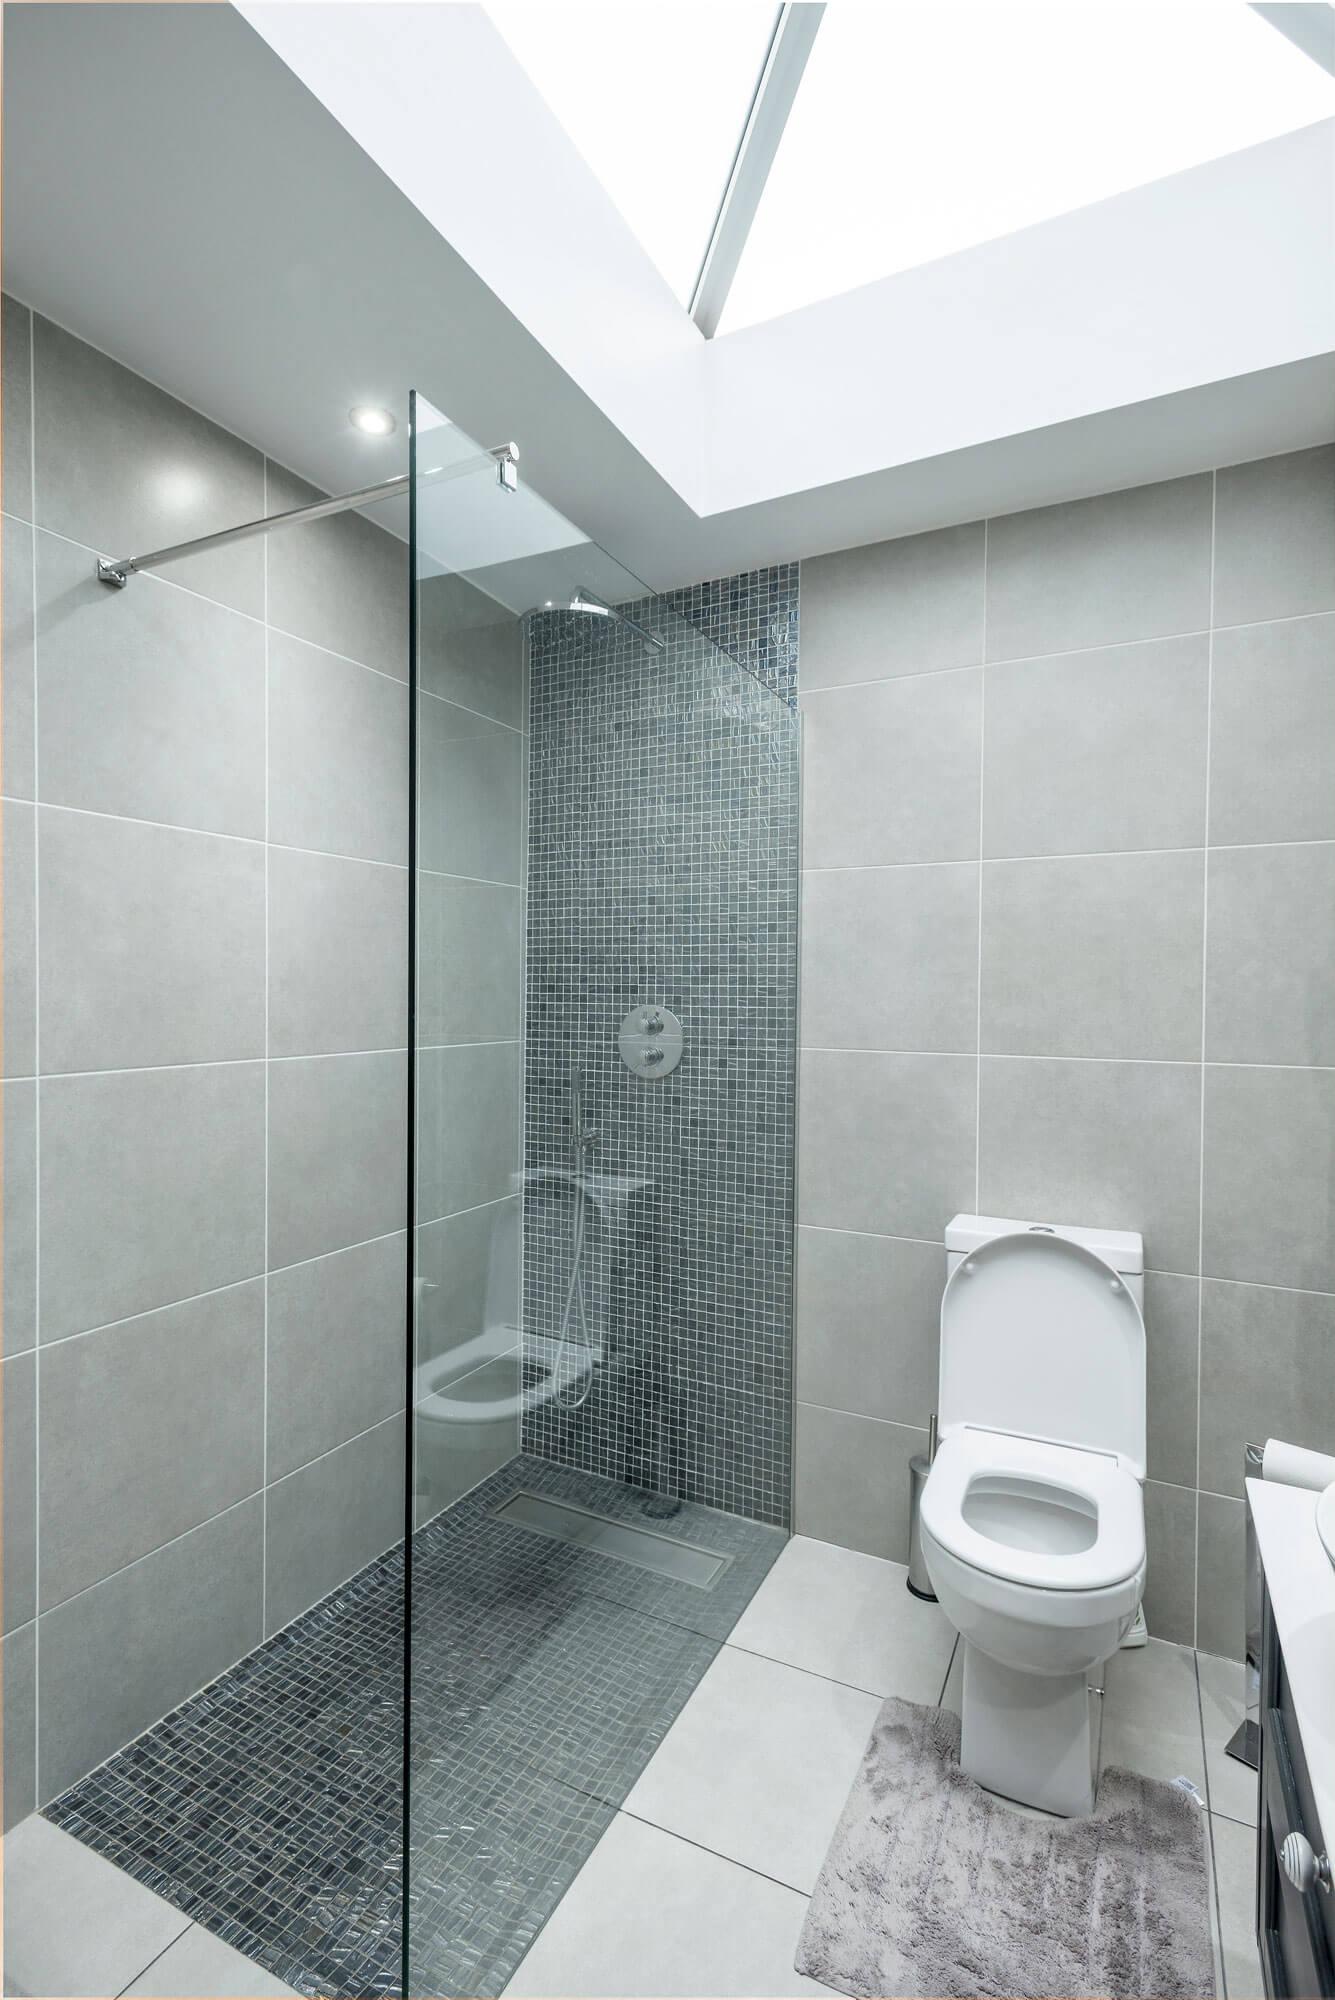 Orangery & Bathroom Installation Thornbury